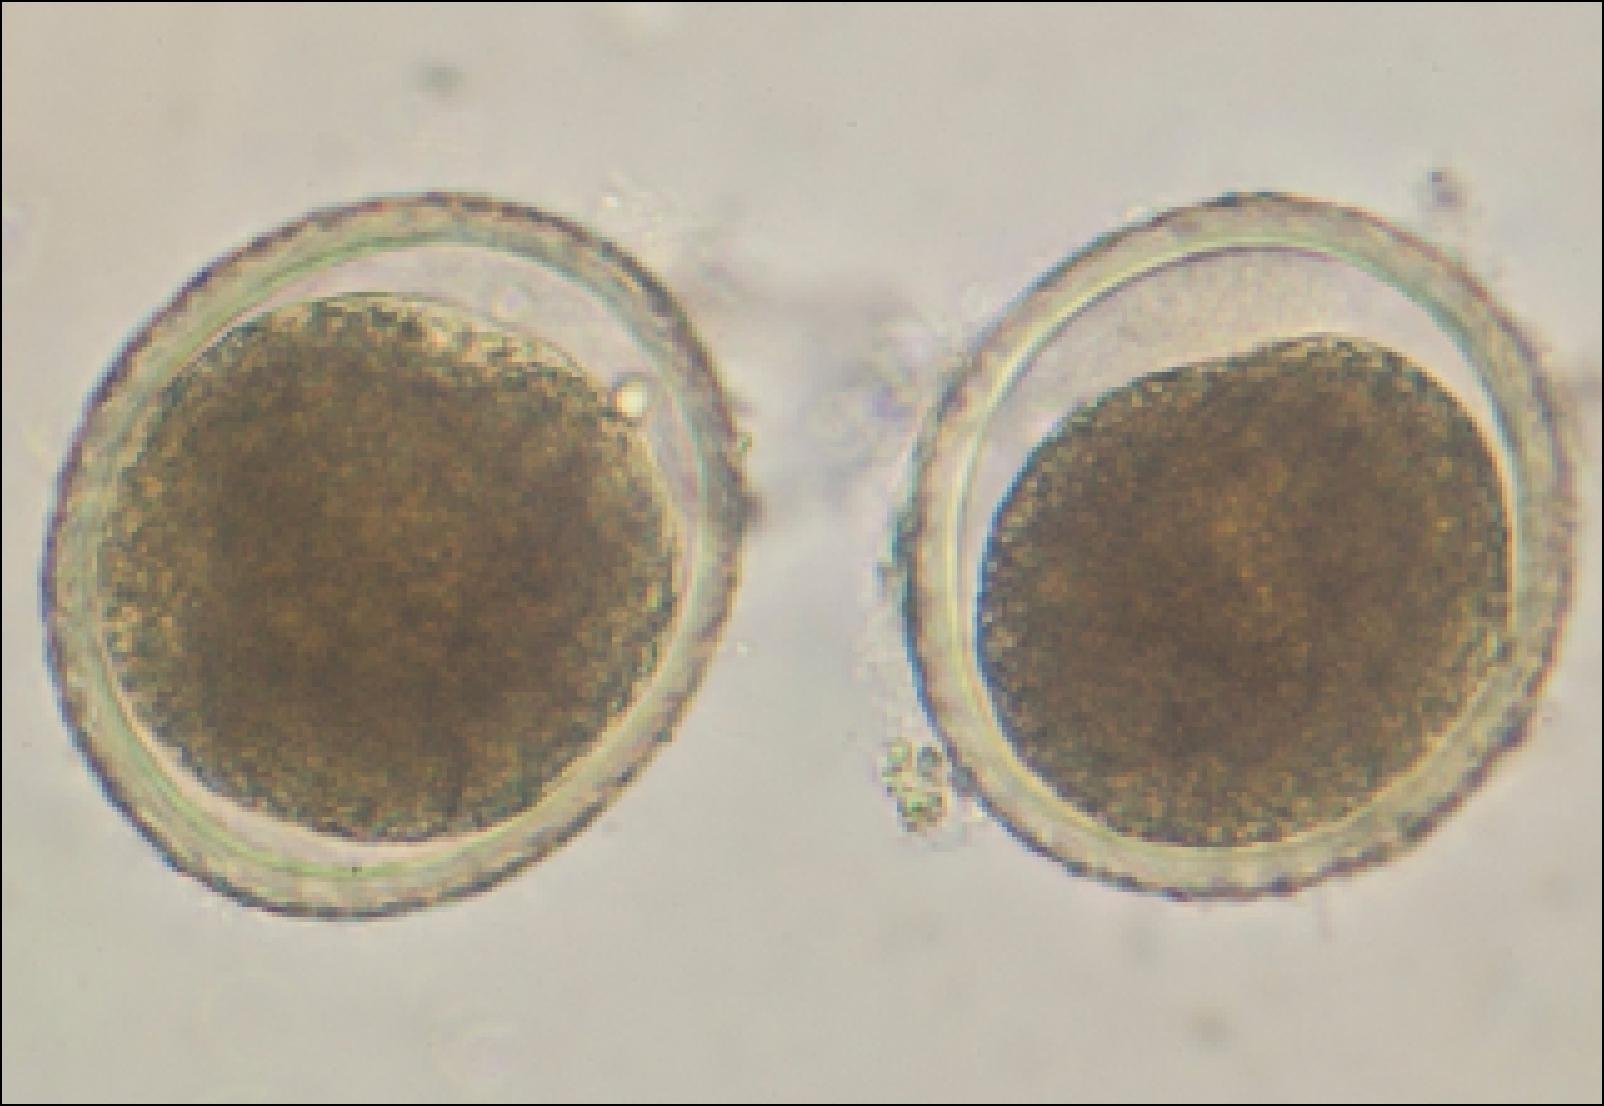 паразиты в животе человека фото